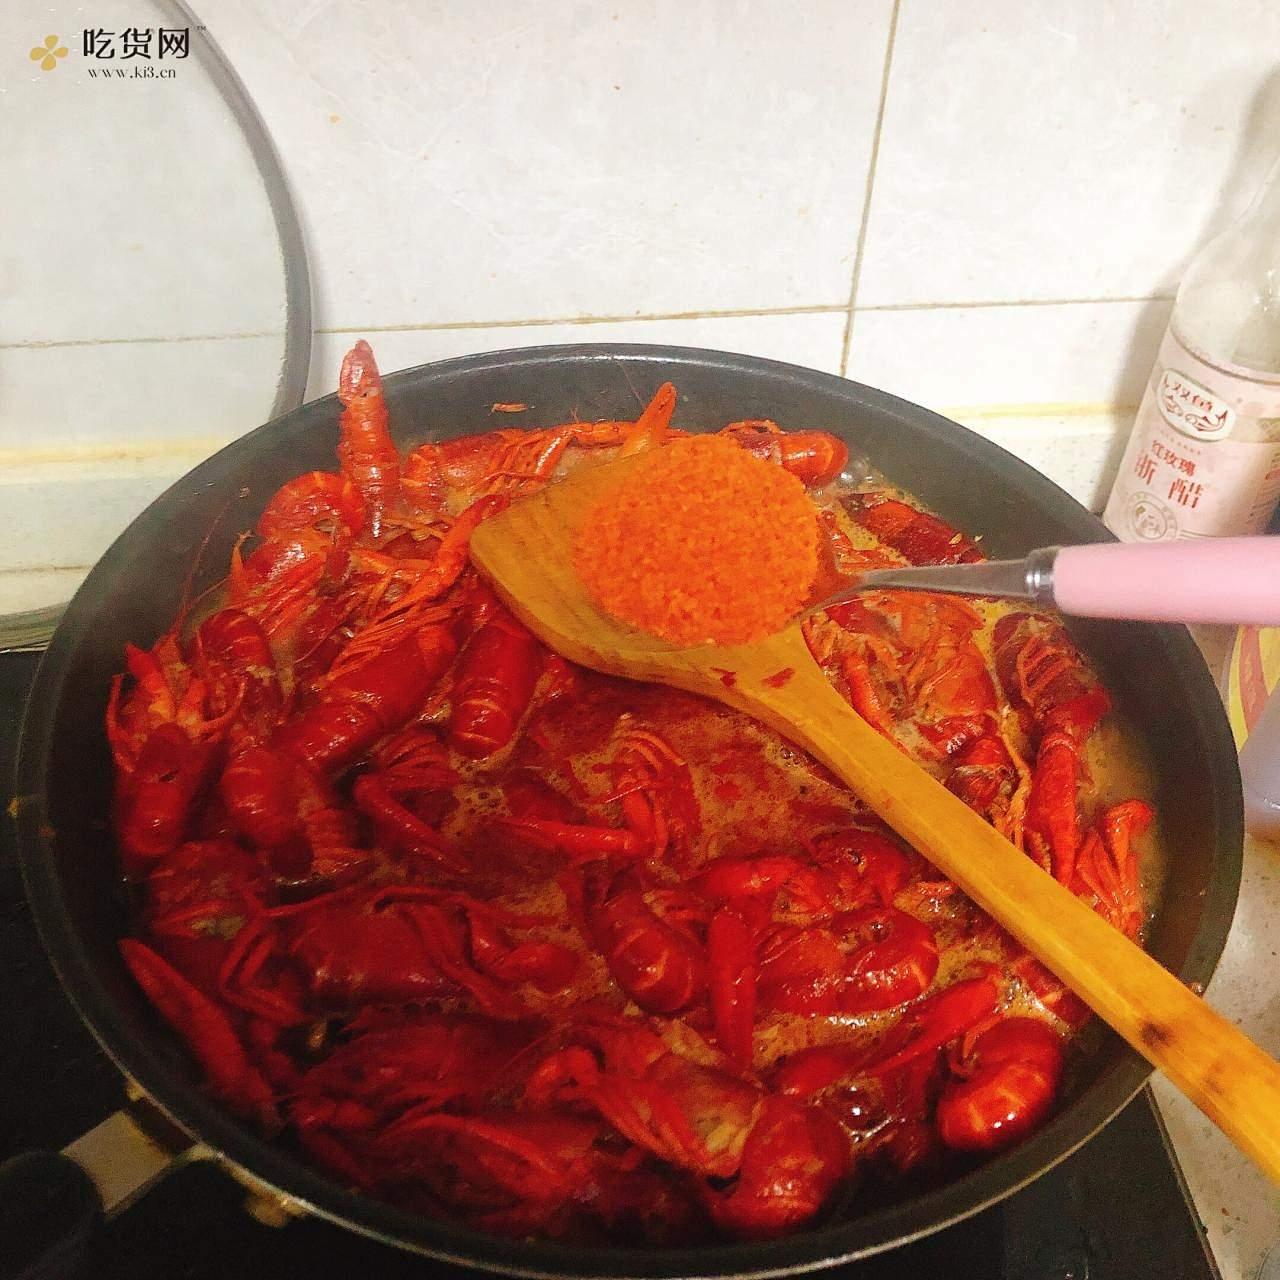 麻辣小龙虾(秒杀龙虾店)的做法 步骤12